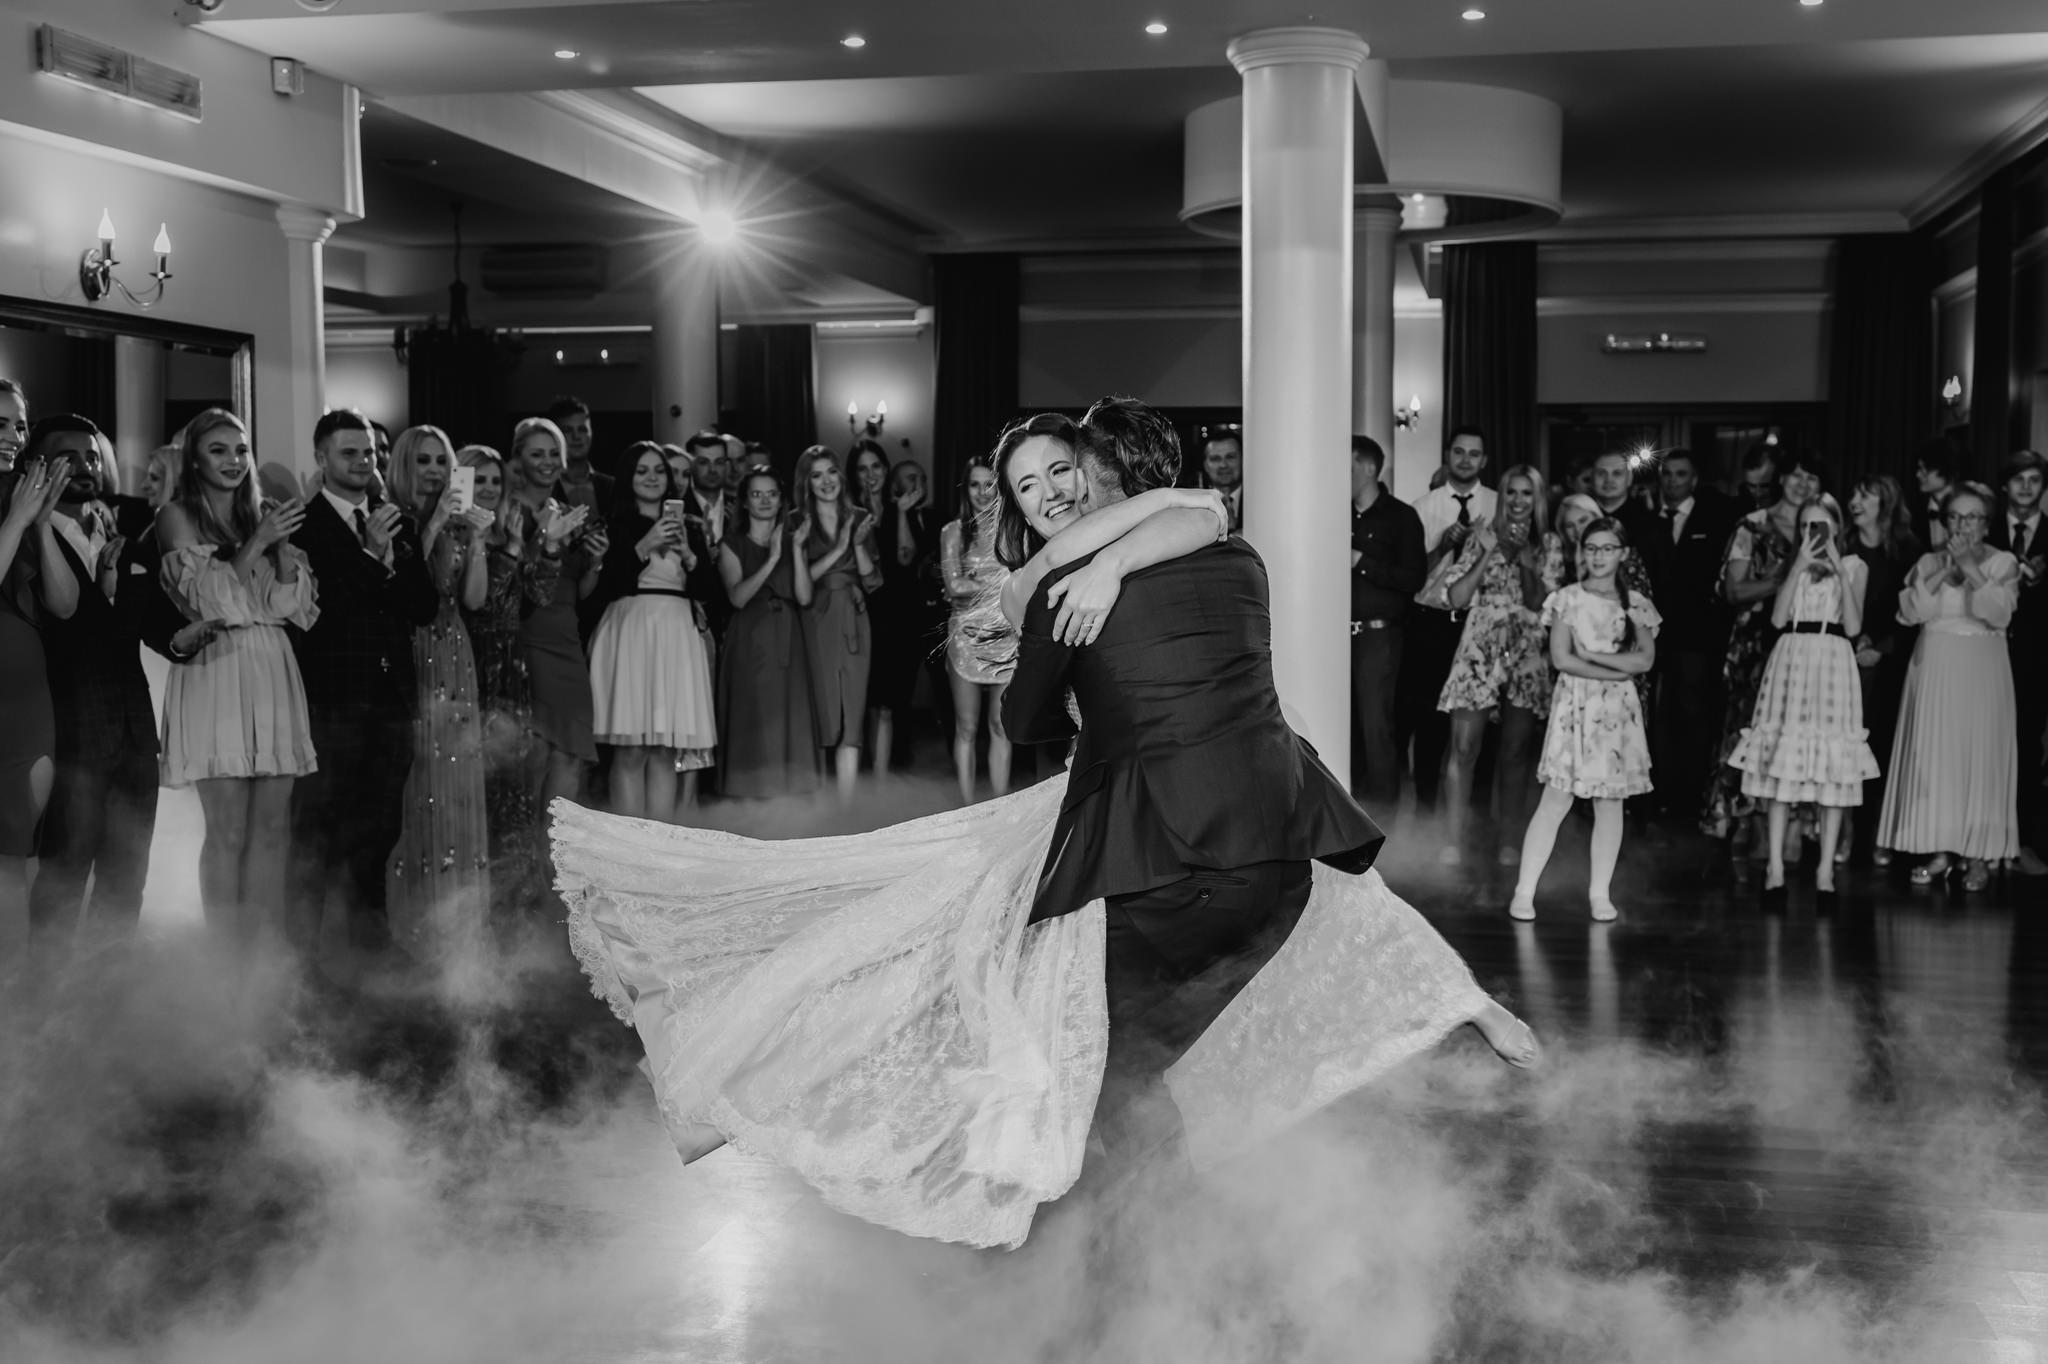 pierwsza taniec sala weselna magnacka